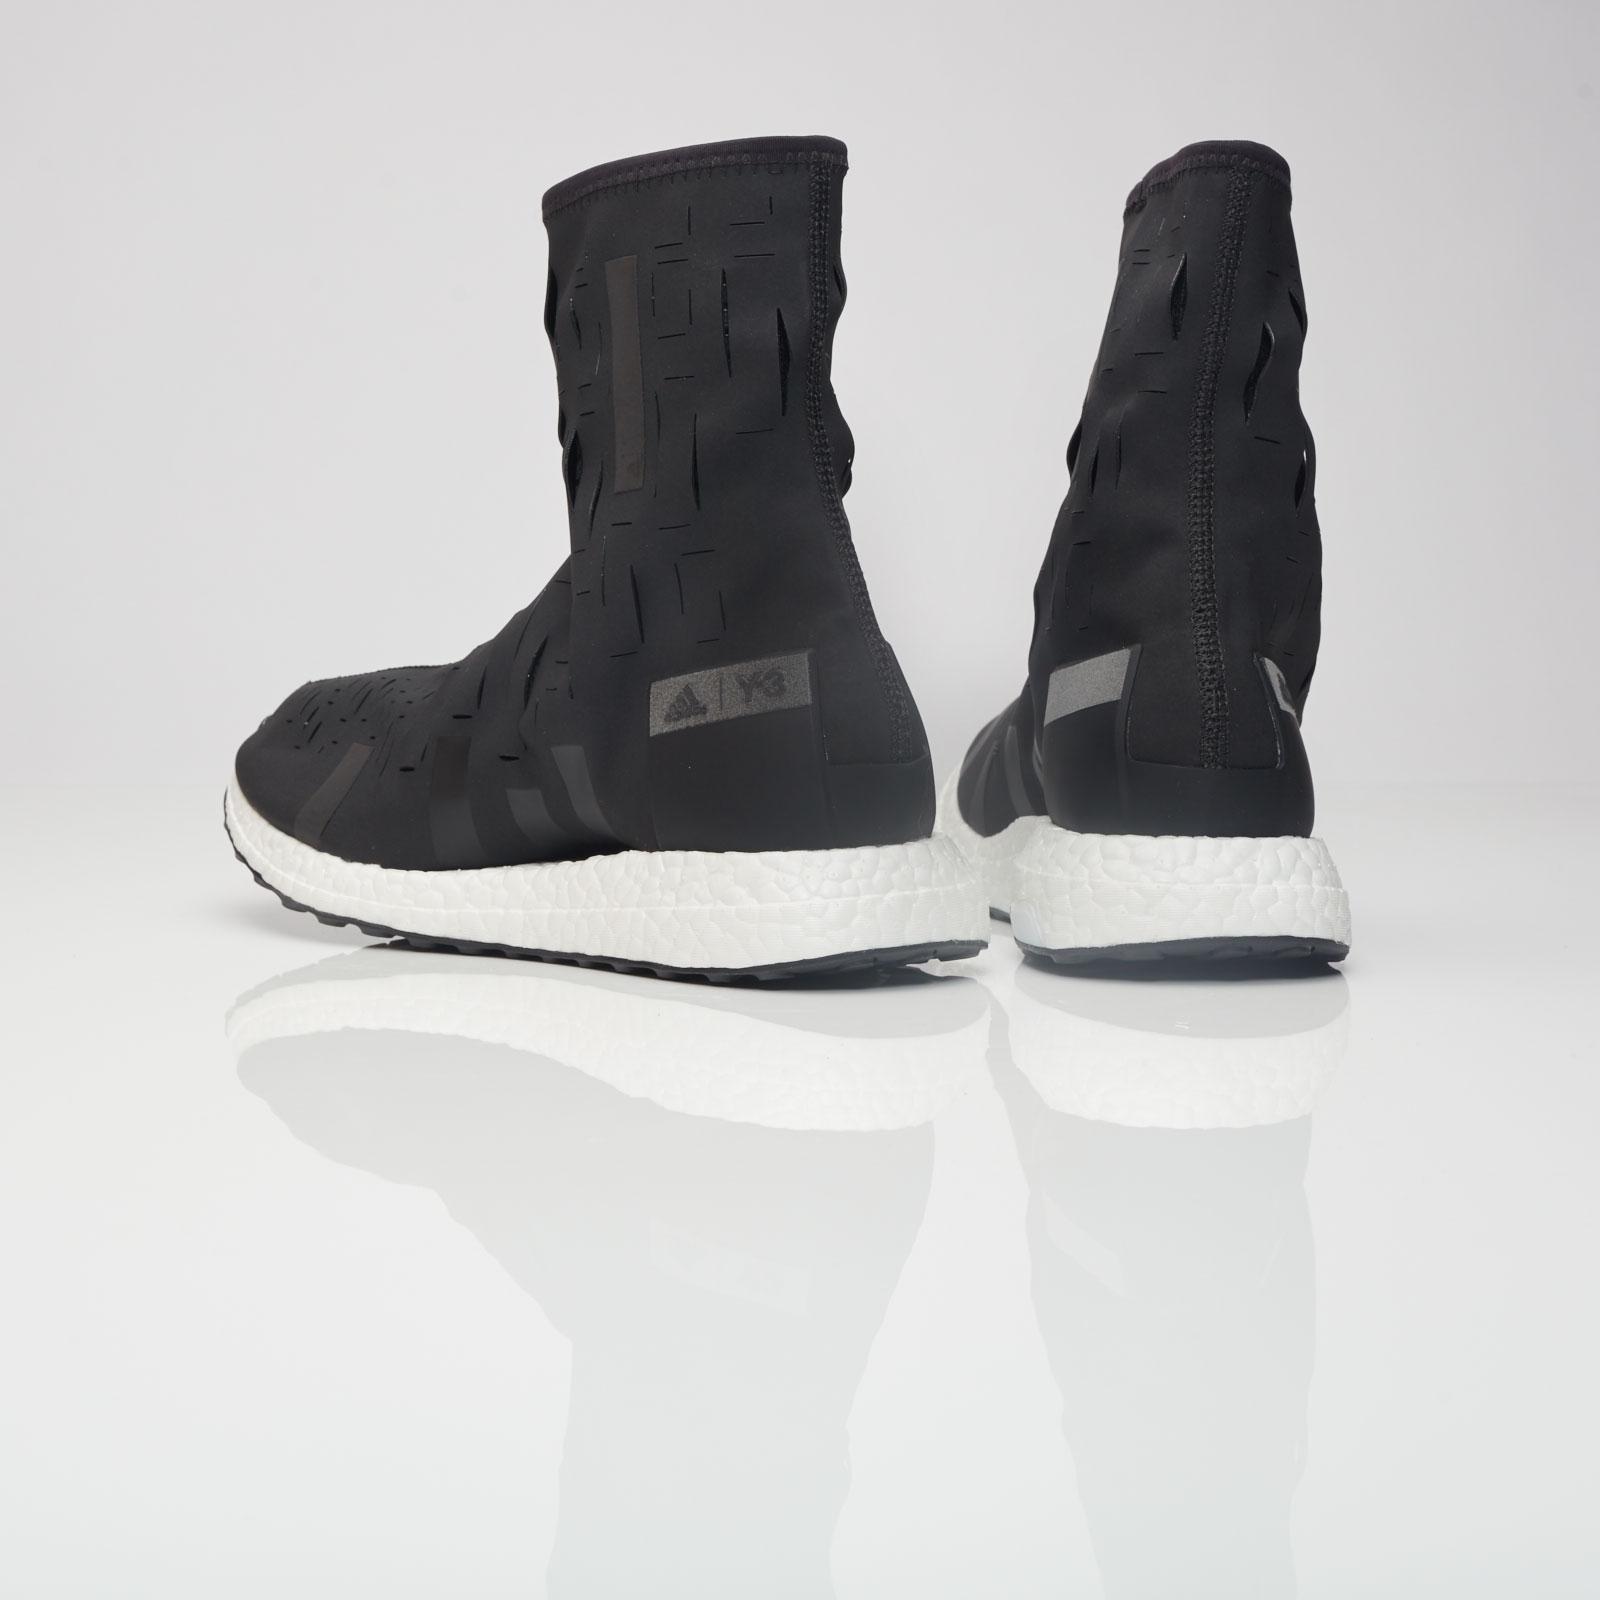 adidas Sport Approach High - Aq1608 - Sneakersnstuff  a70b2d6f46e1